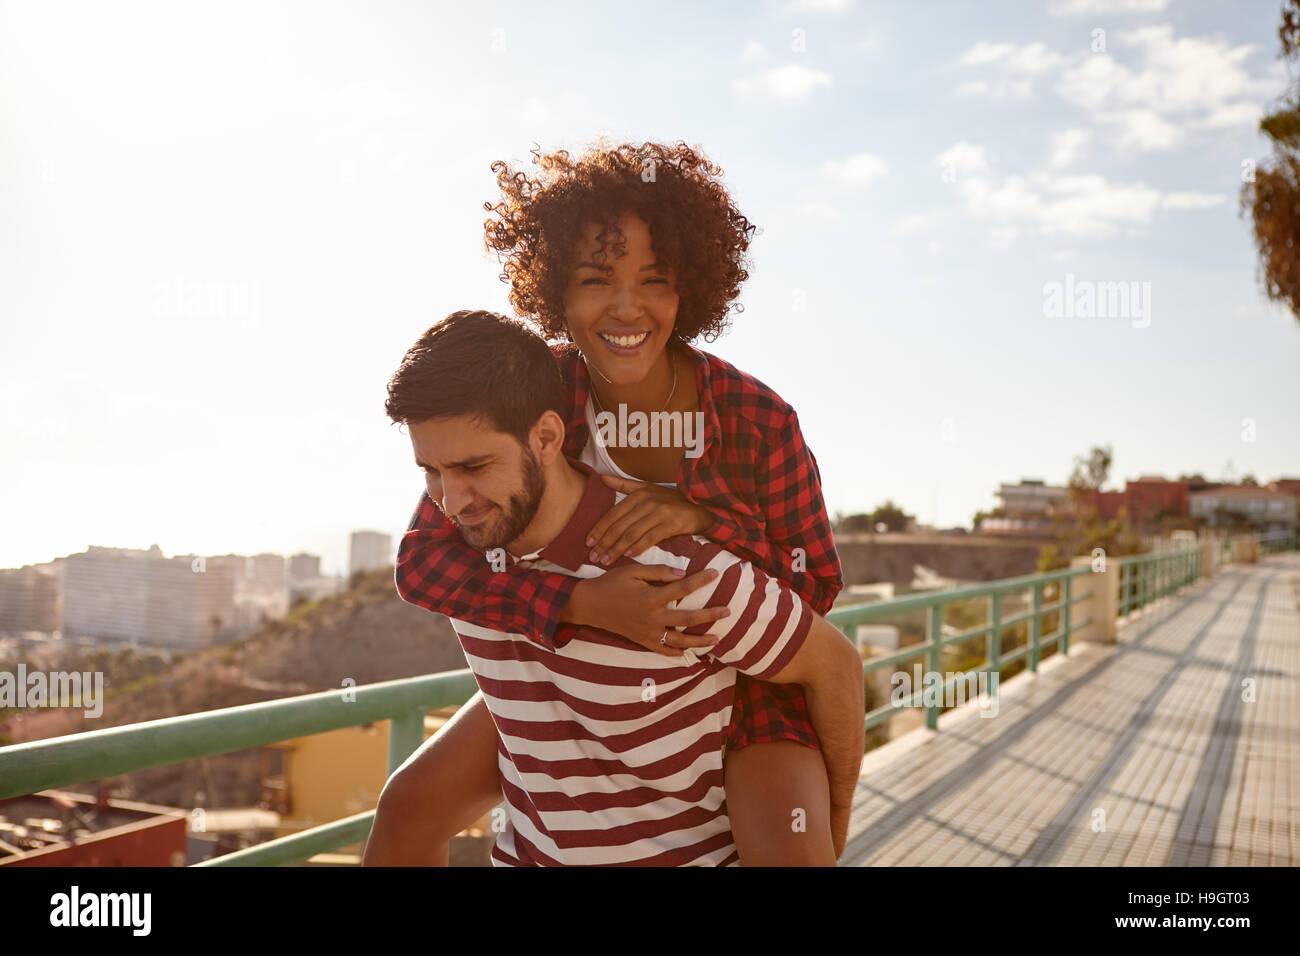 Le couple piggy back ride avec elle sur le dos, le bras droit autour de son cou, la main gauche sur son épaule Photo Stock